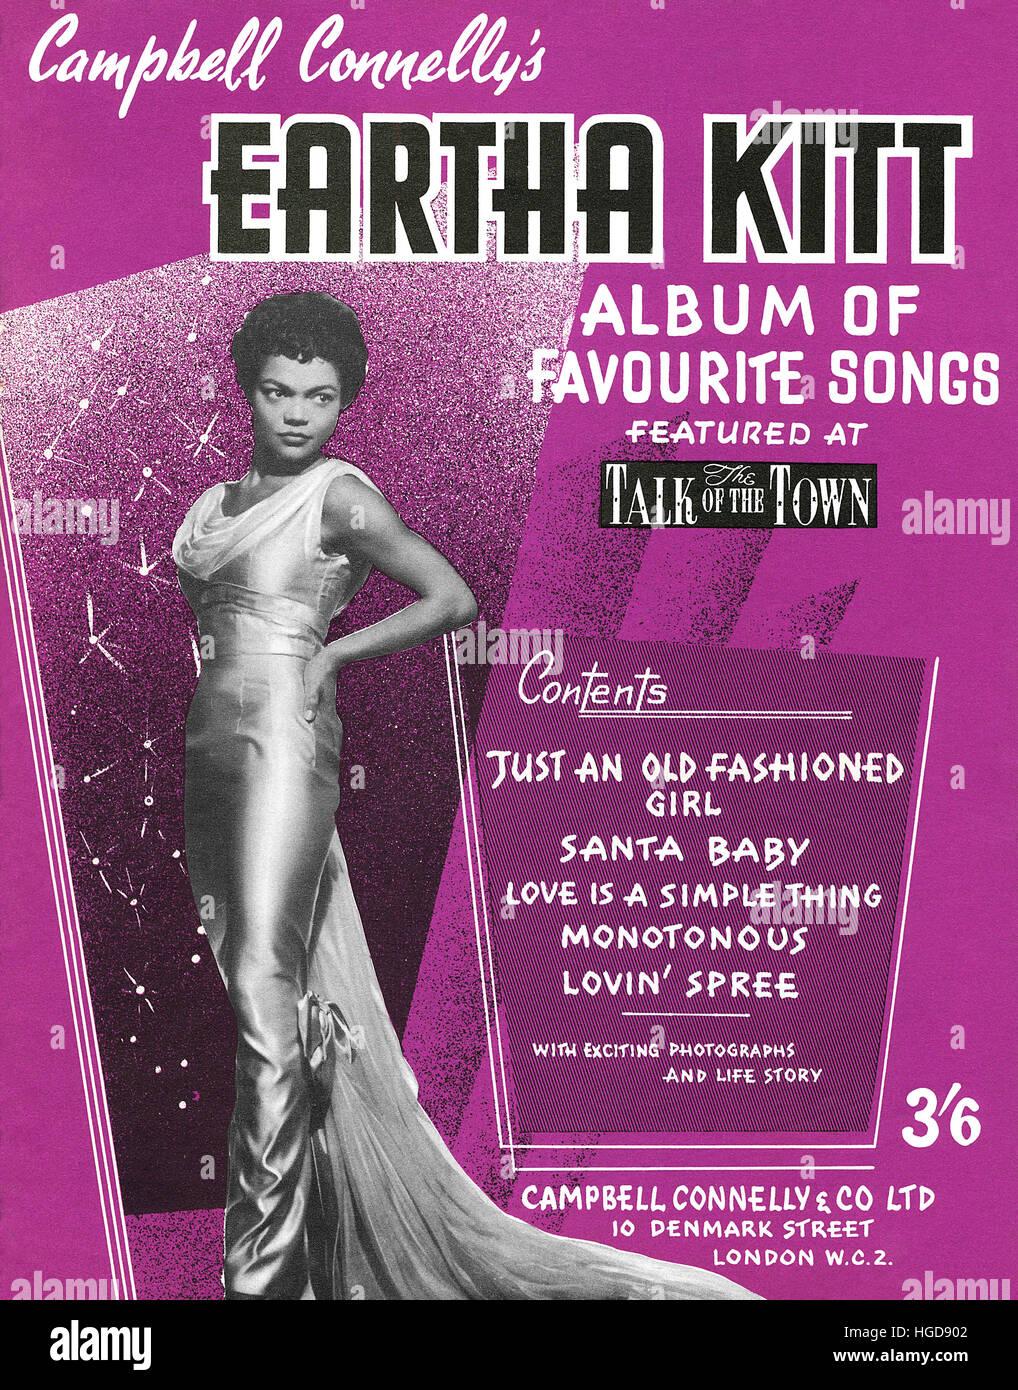 From cover of a 1950s sheet music album of Eartha Kitt songs Stock